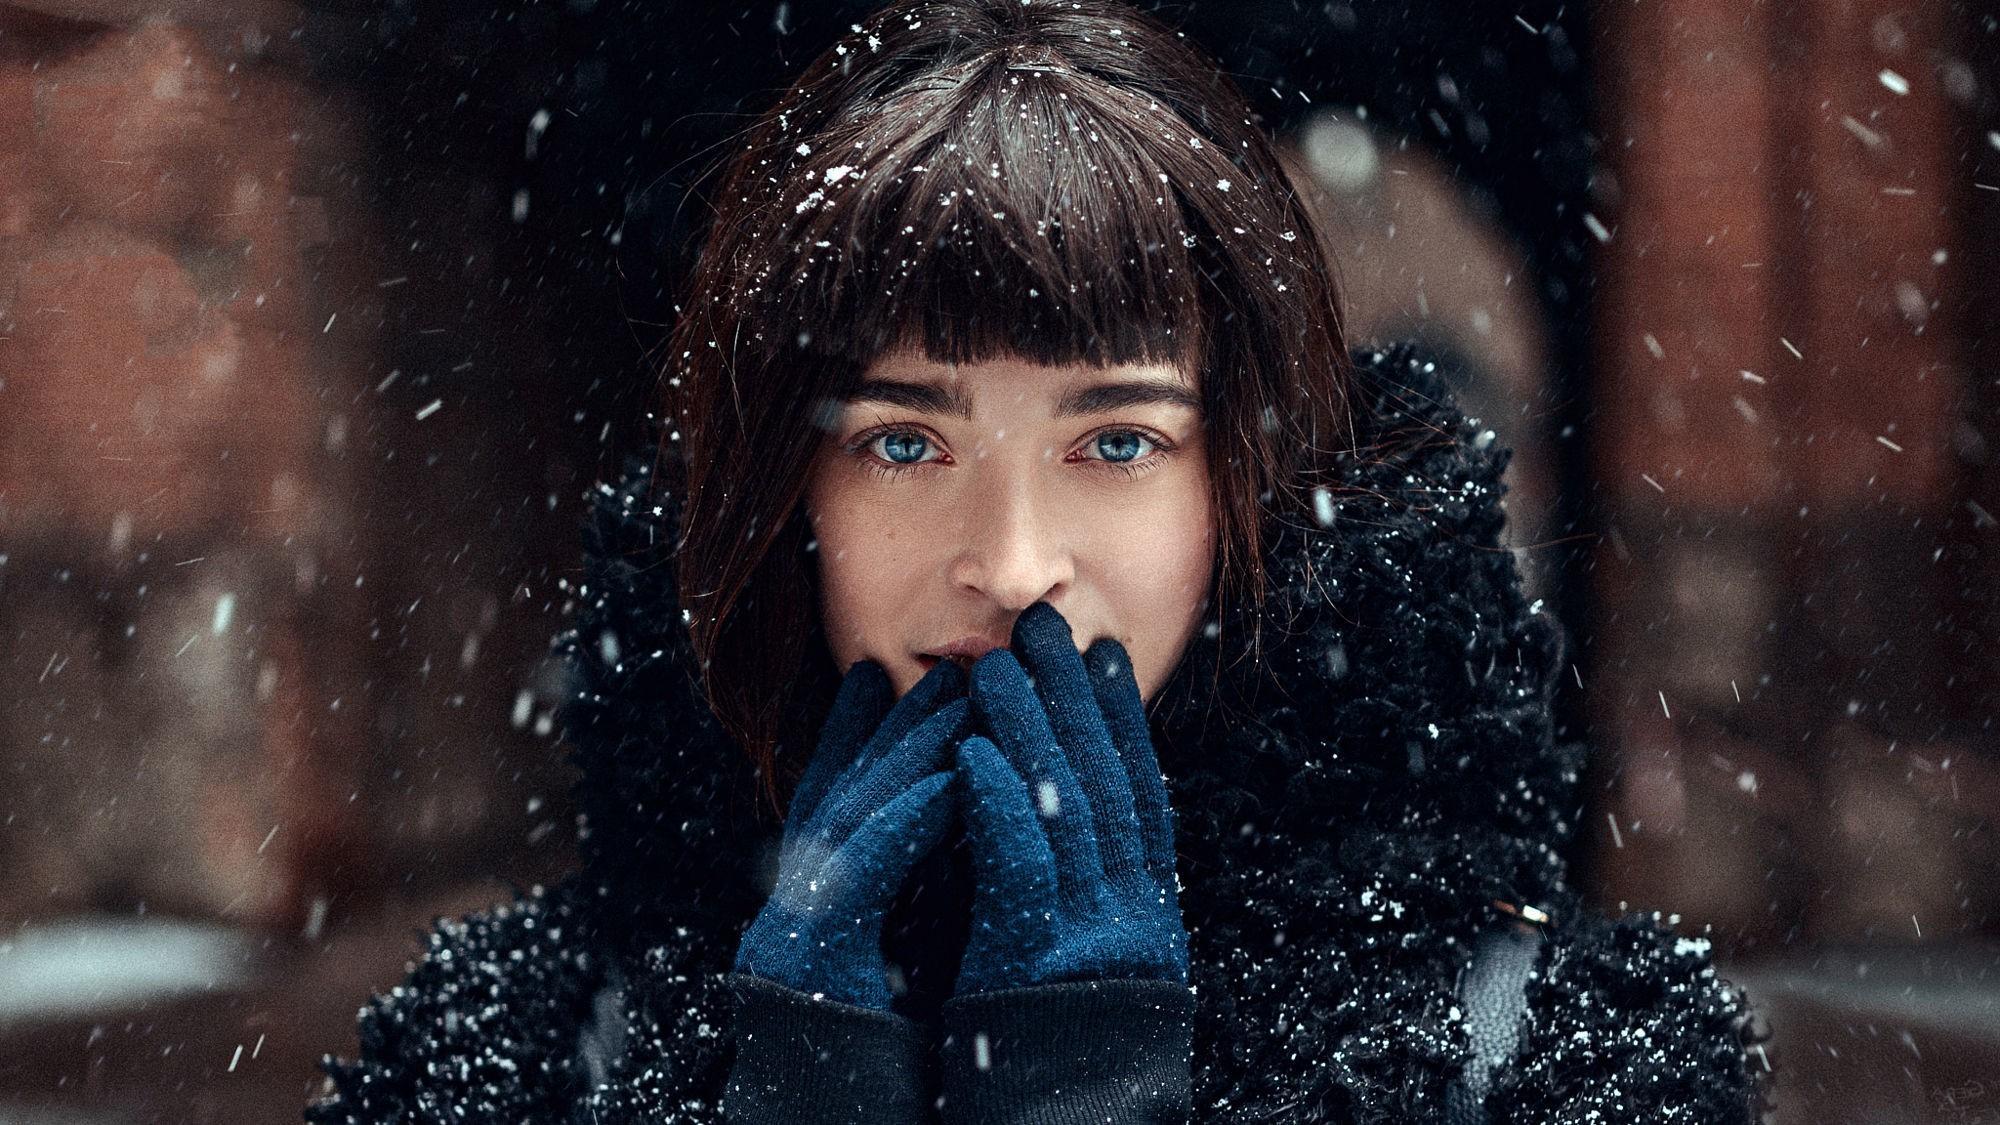 Alone Girl Wallpapers New Face Women Model Blue Eyes Snow Portrait Winter